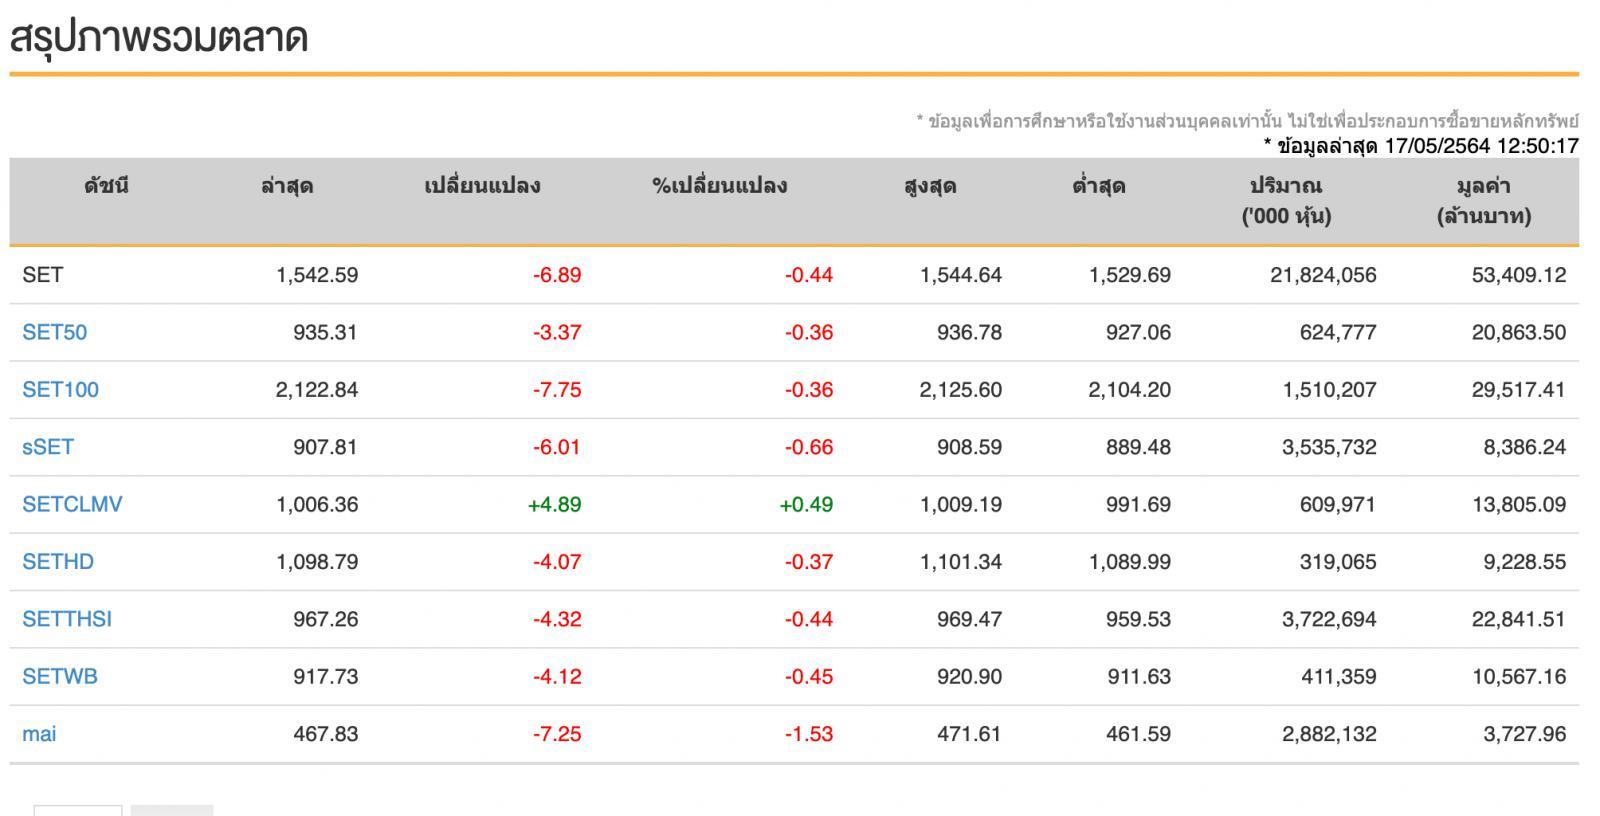 หุ้นไทย (17 พ.ค.64)  ปิดวันนี้ที่ระดับ 1,549.16 จุด ลดลง 0.32 จุด